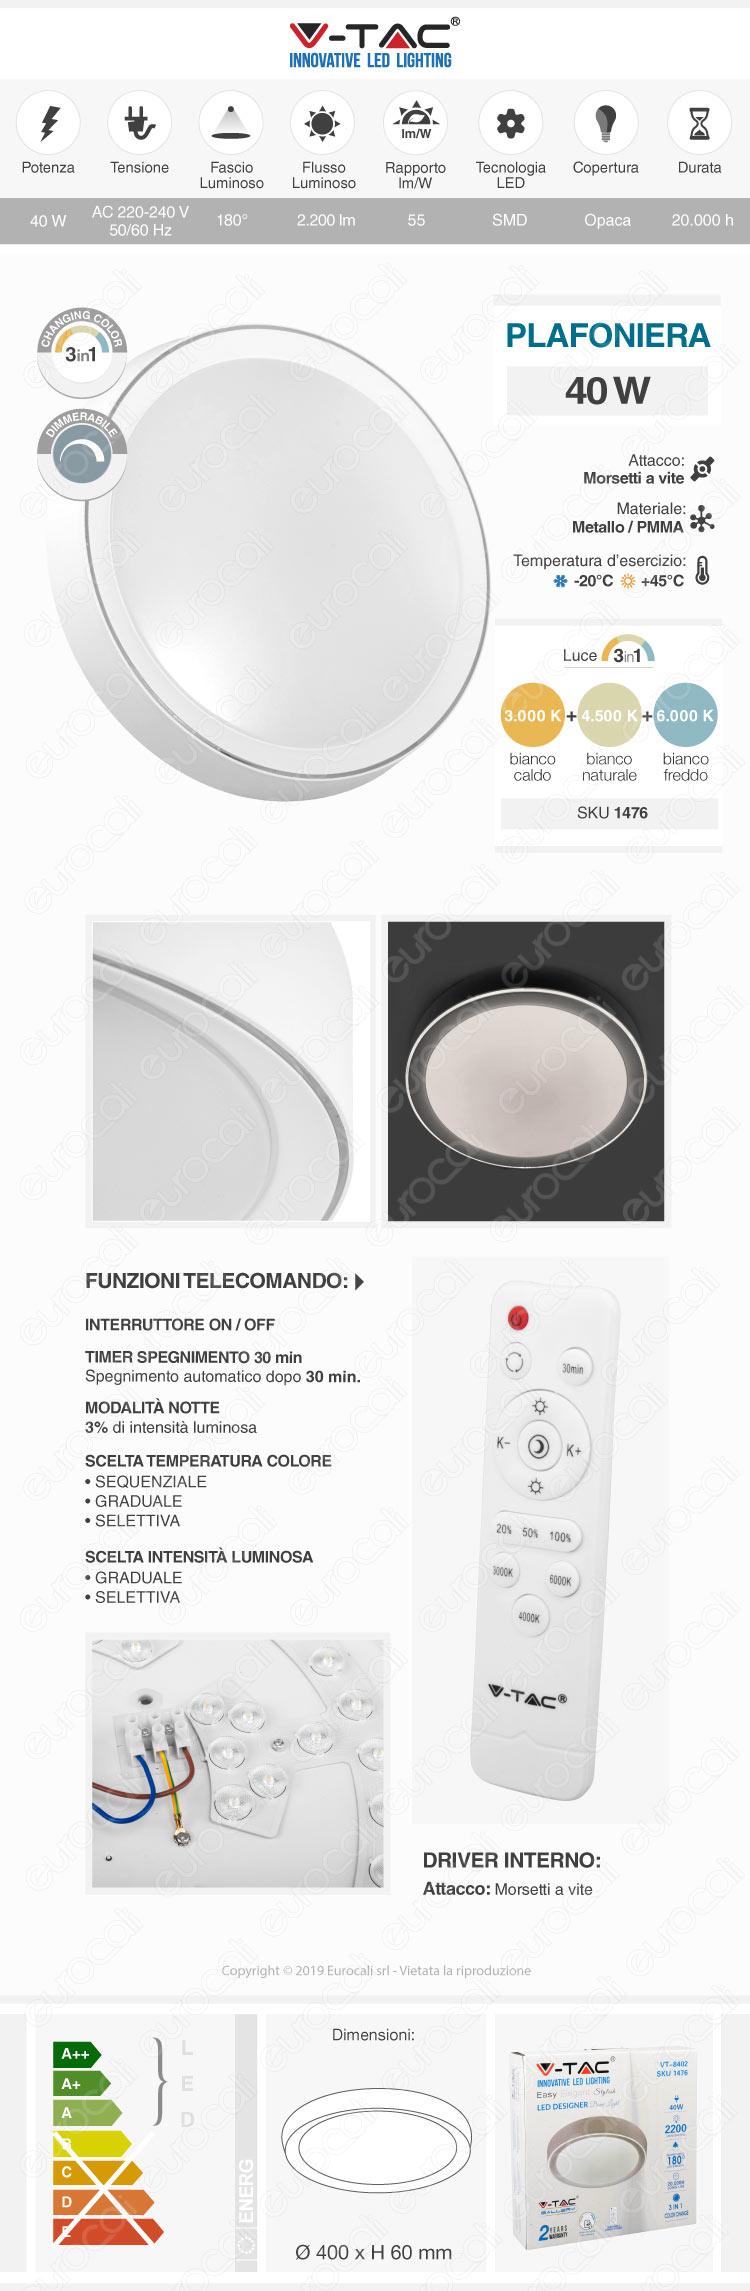 V-Tac VT-8402 Plafoniera LED 40W Forma Circolare con Telecomando